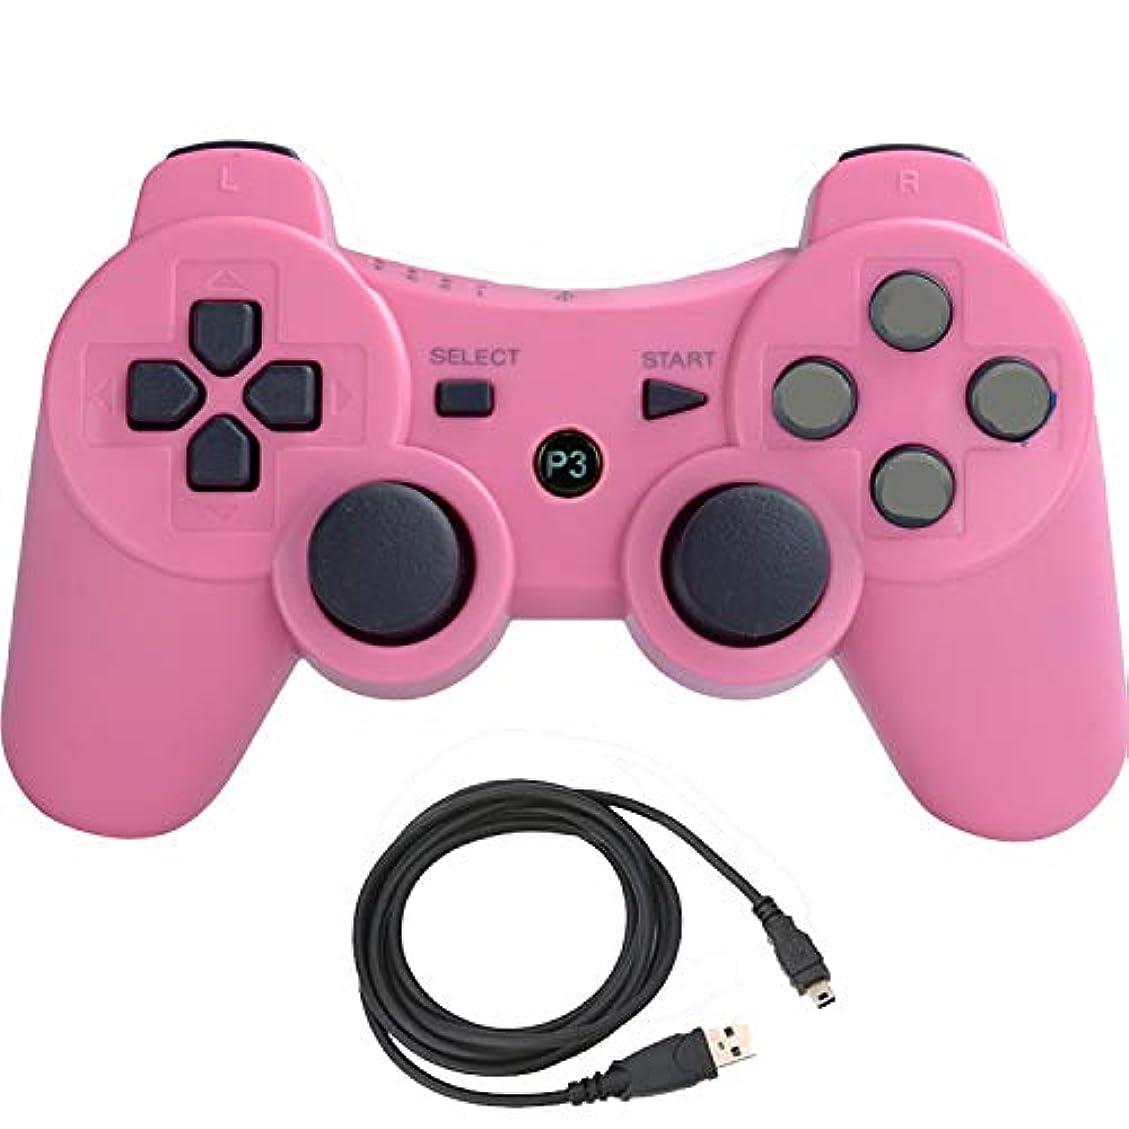 ばかげているジャーナル選挙Pueleo PS3用 ワイヤレス デュアルショック3 ワイヤレスコントローラー互換 日本語説明書 USB ケーブル付属(ピンク)